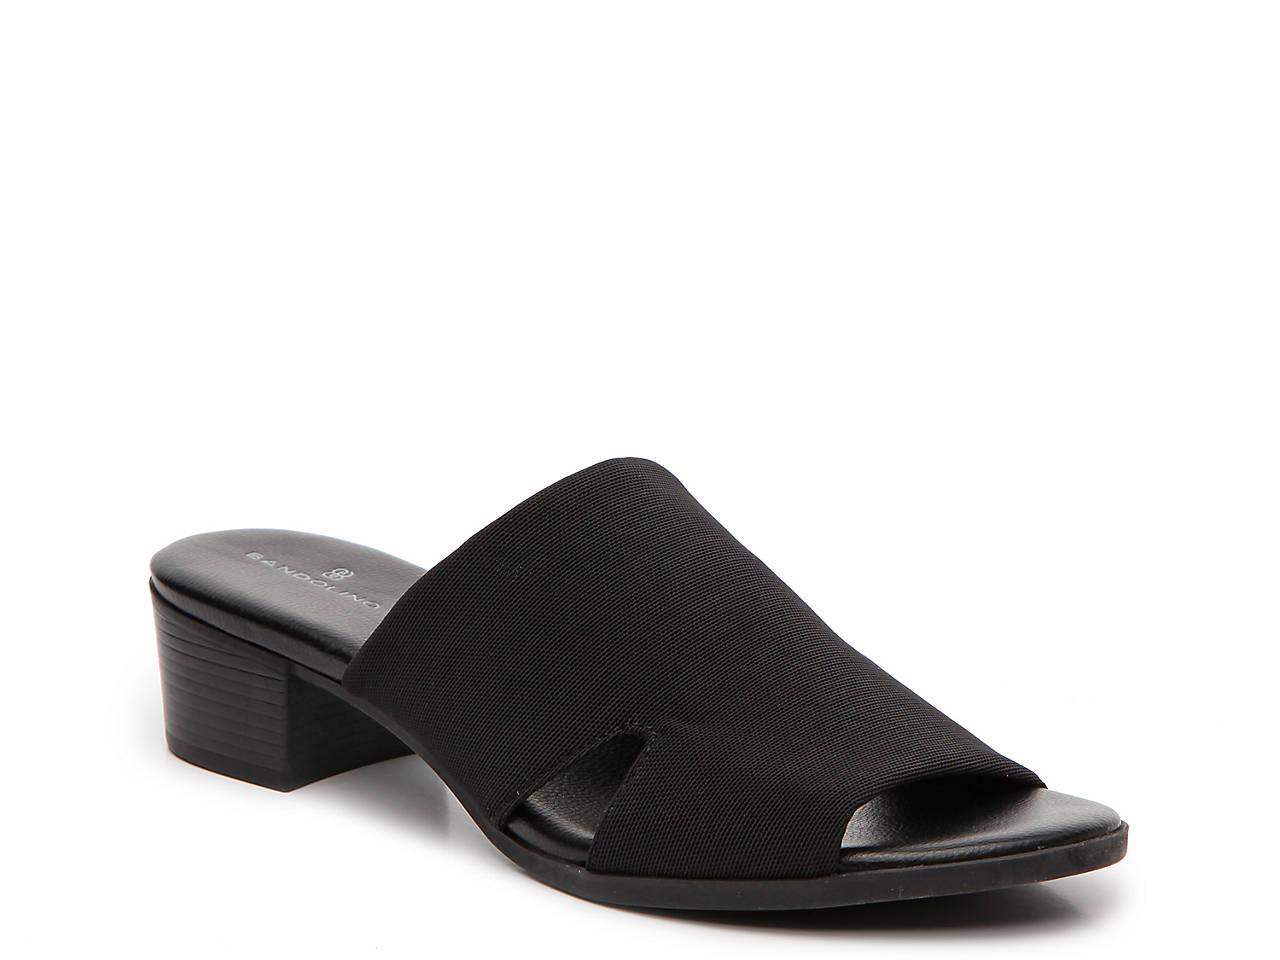 Exi Sandal by Bandolino